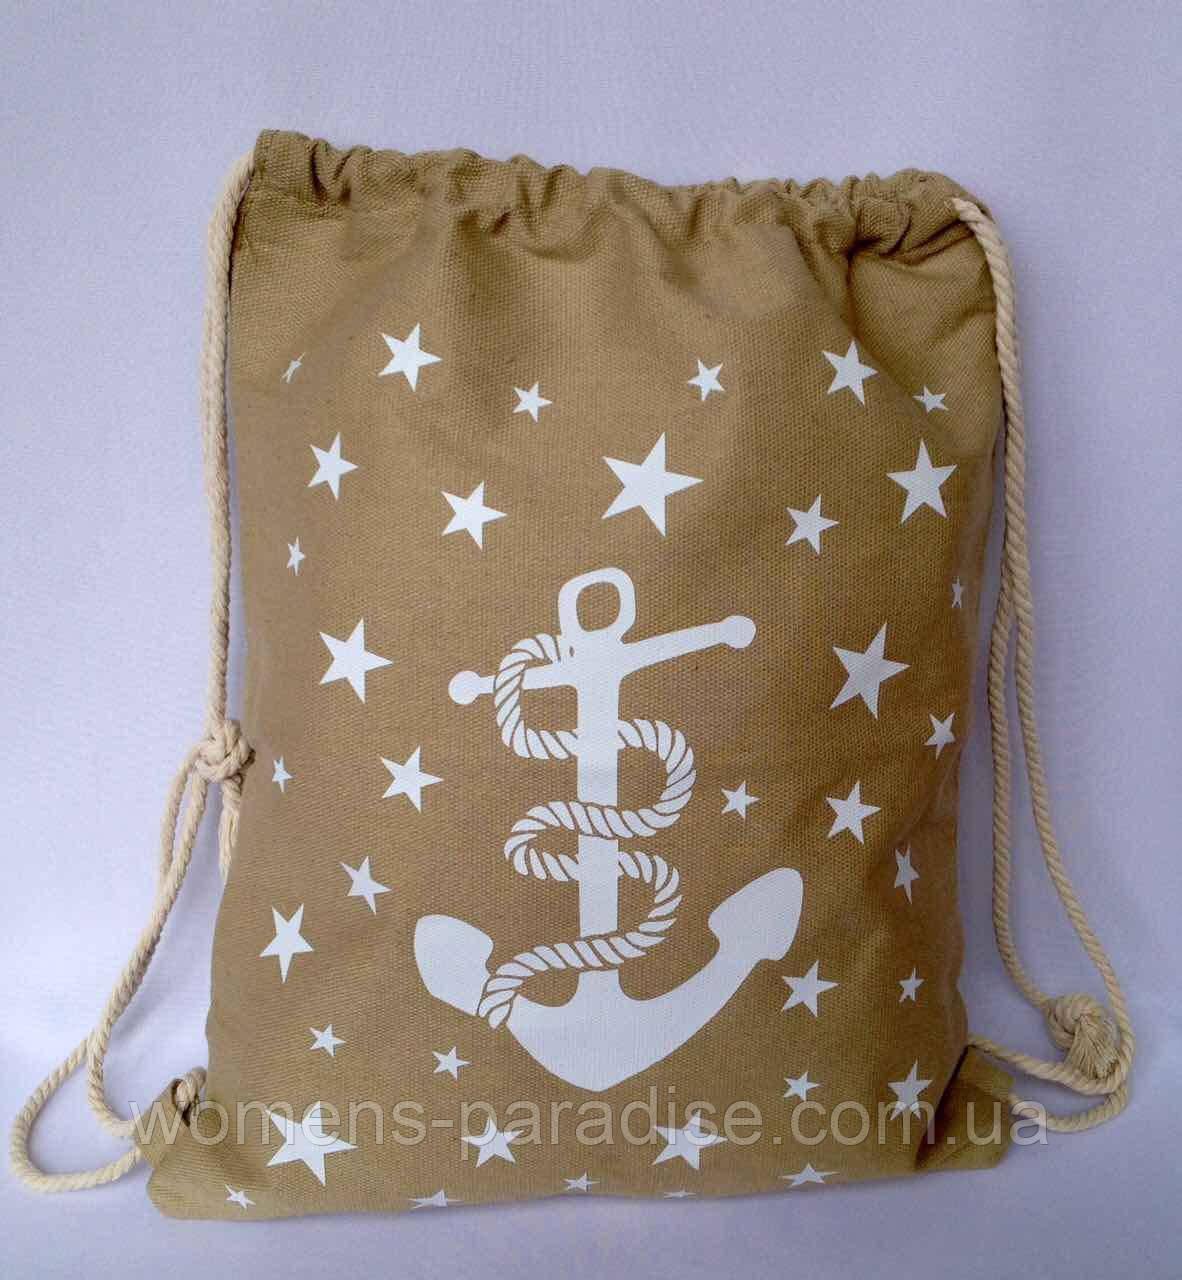 d10f594c6155 Пляжный рюкзак, пляжная летняя сумка: продажа, цена в Харькове ...